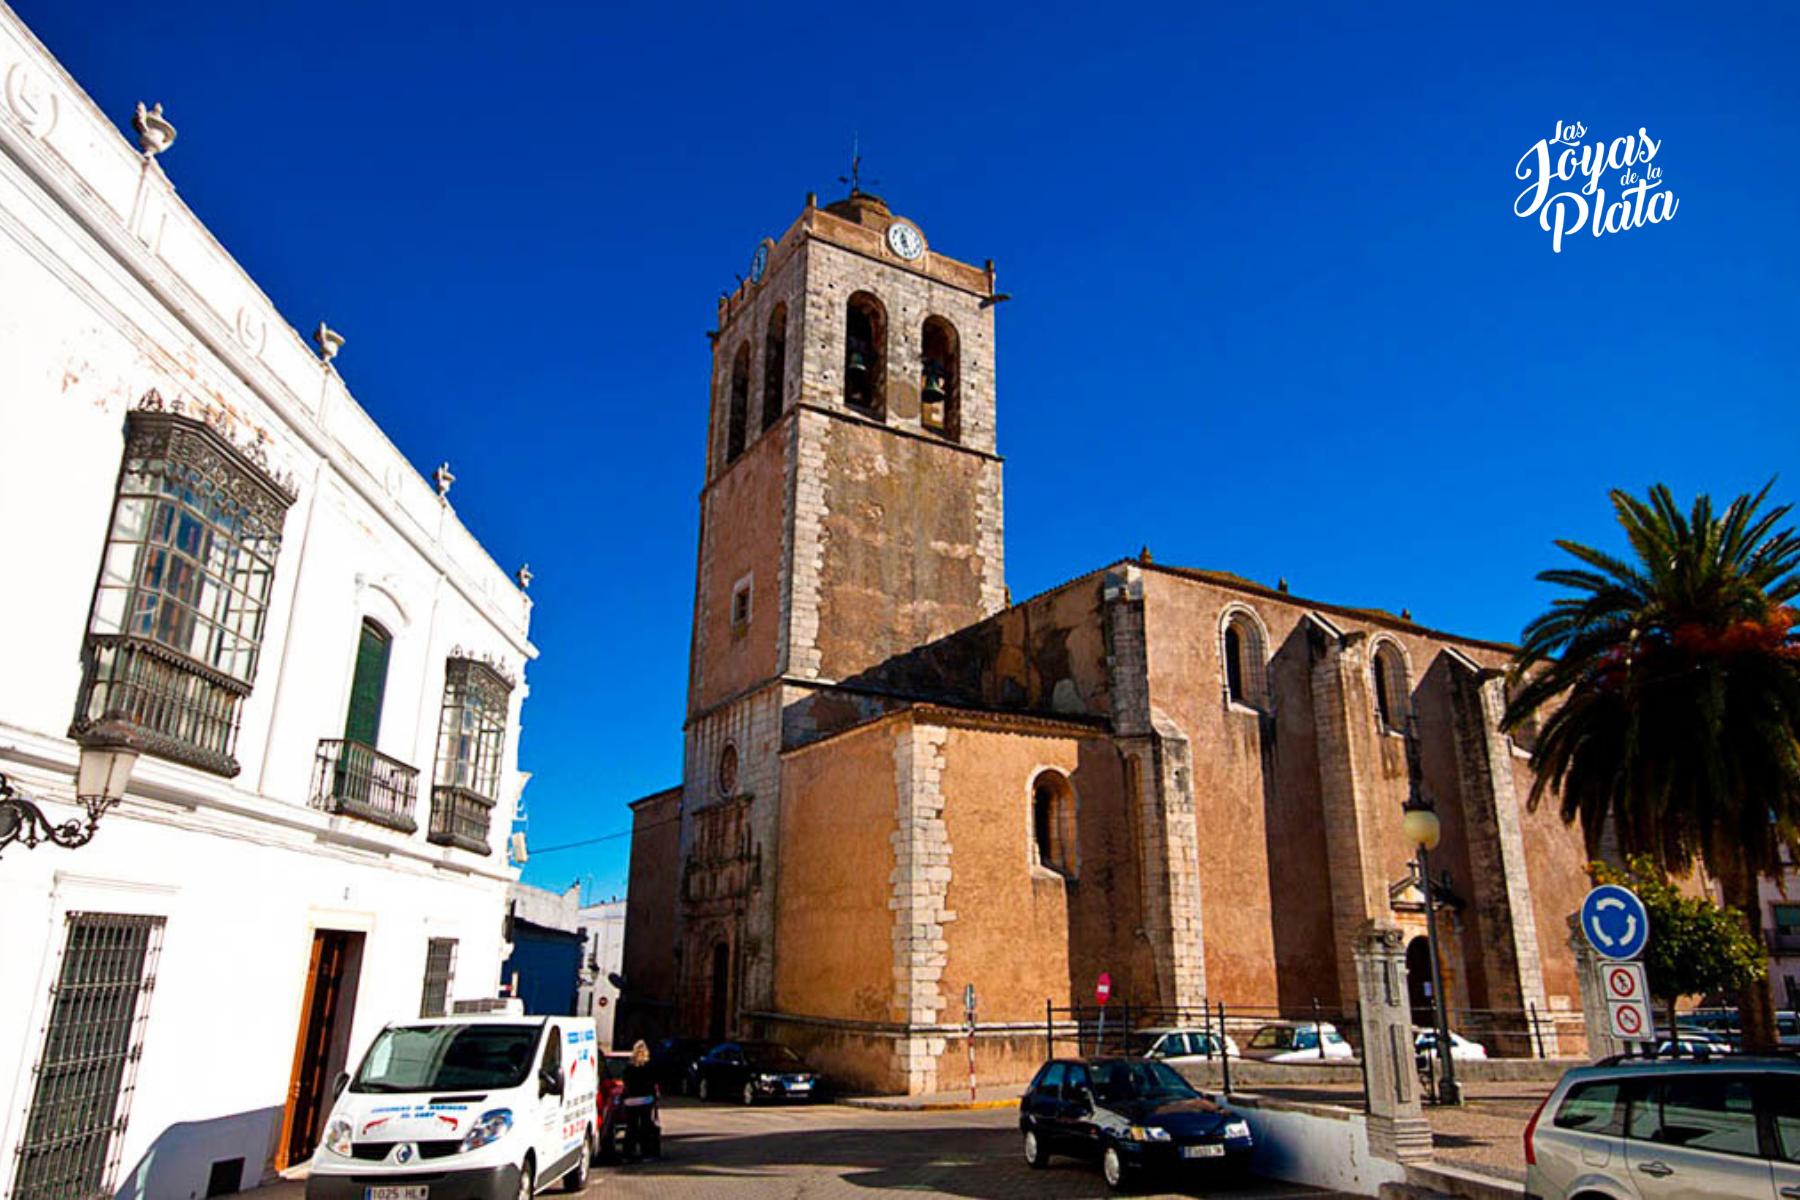 La Iglesia de Nuestra Señora de los Angeles de Maimona